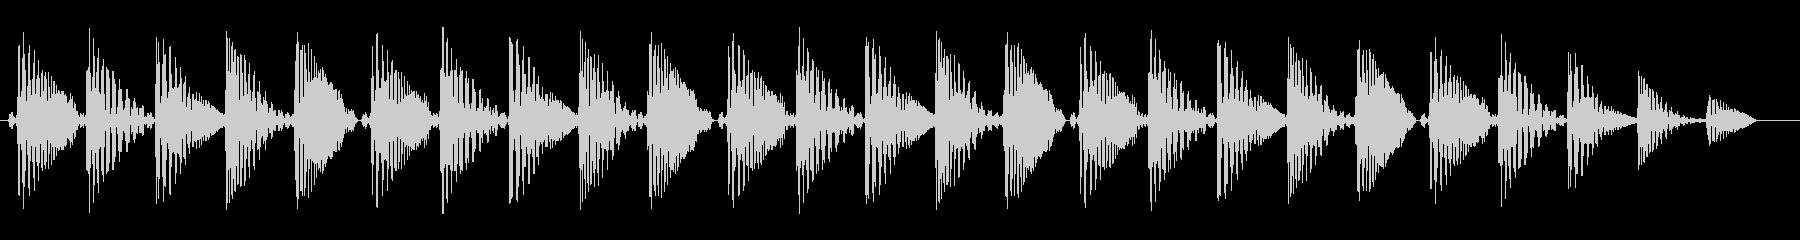 プワプワプワ(飛行機)の未再生の波形